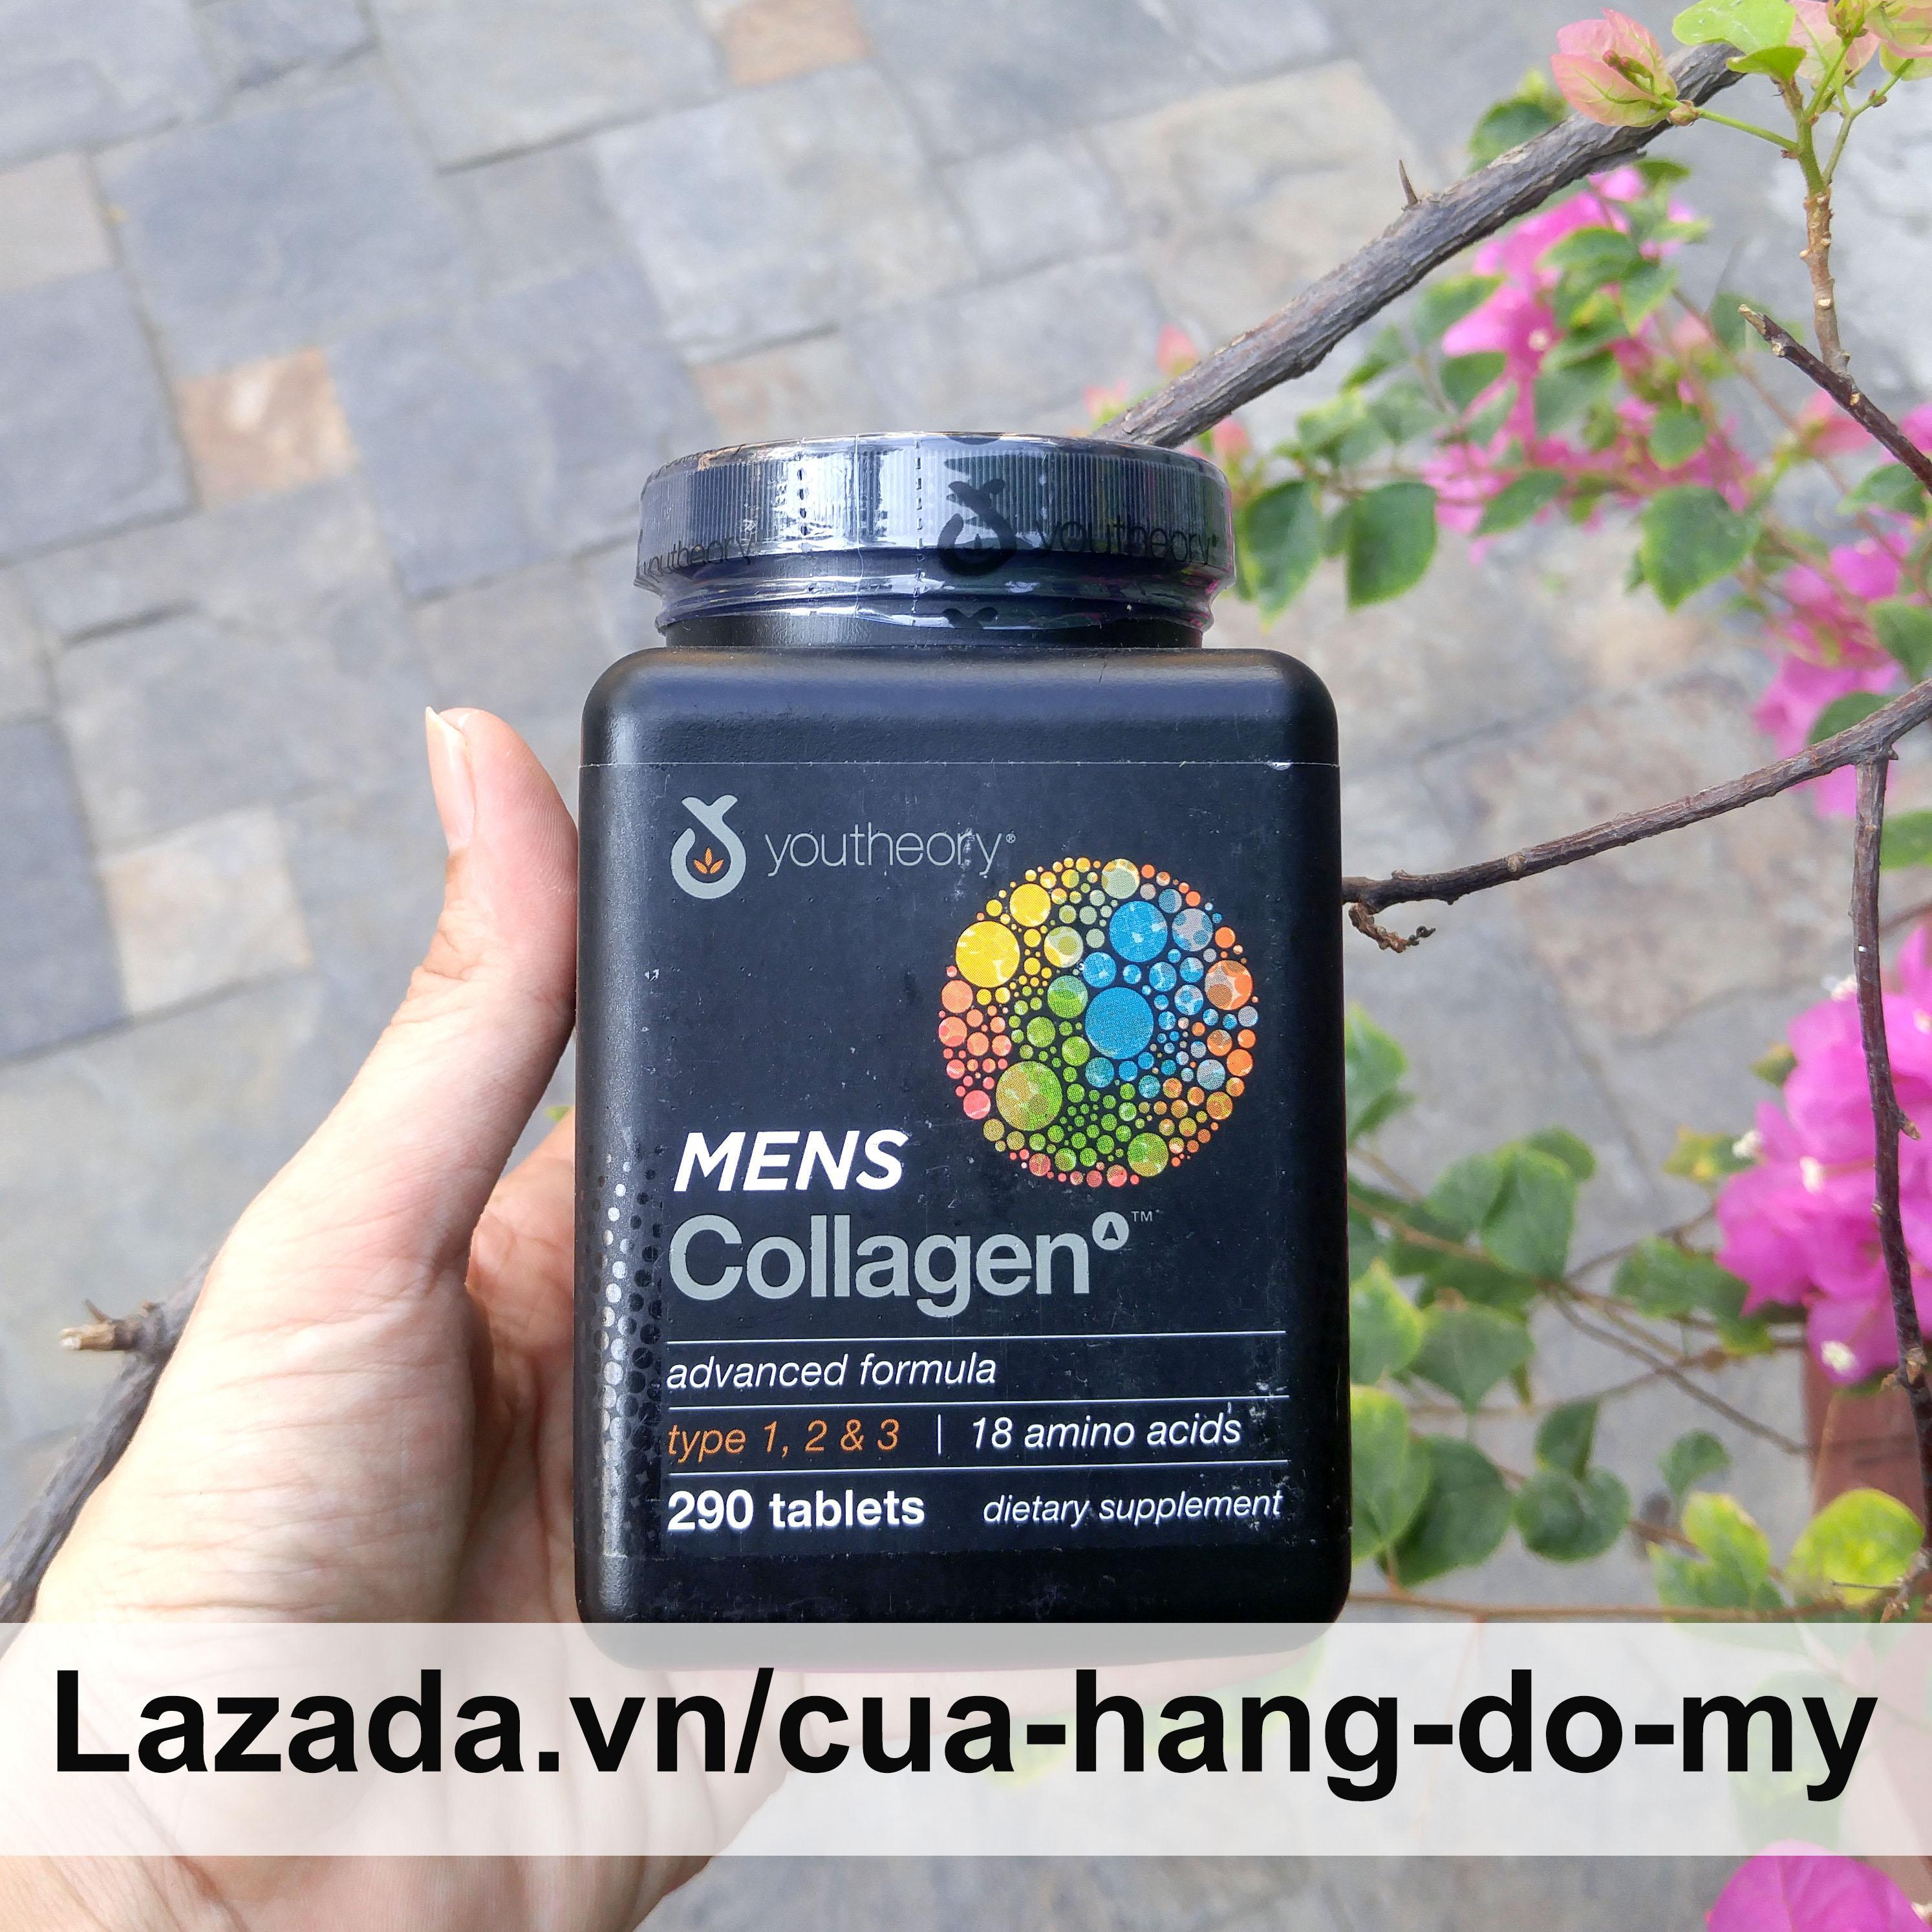 Viên Uống Collagen Youtheory Men Type 1,2&3 Dành Cho Nam 290 Viên - collagen 1 2 3 dành cho nam